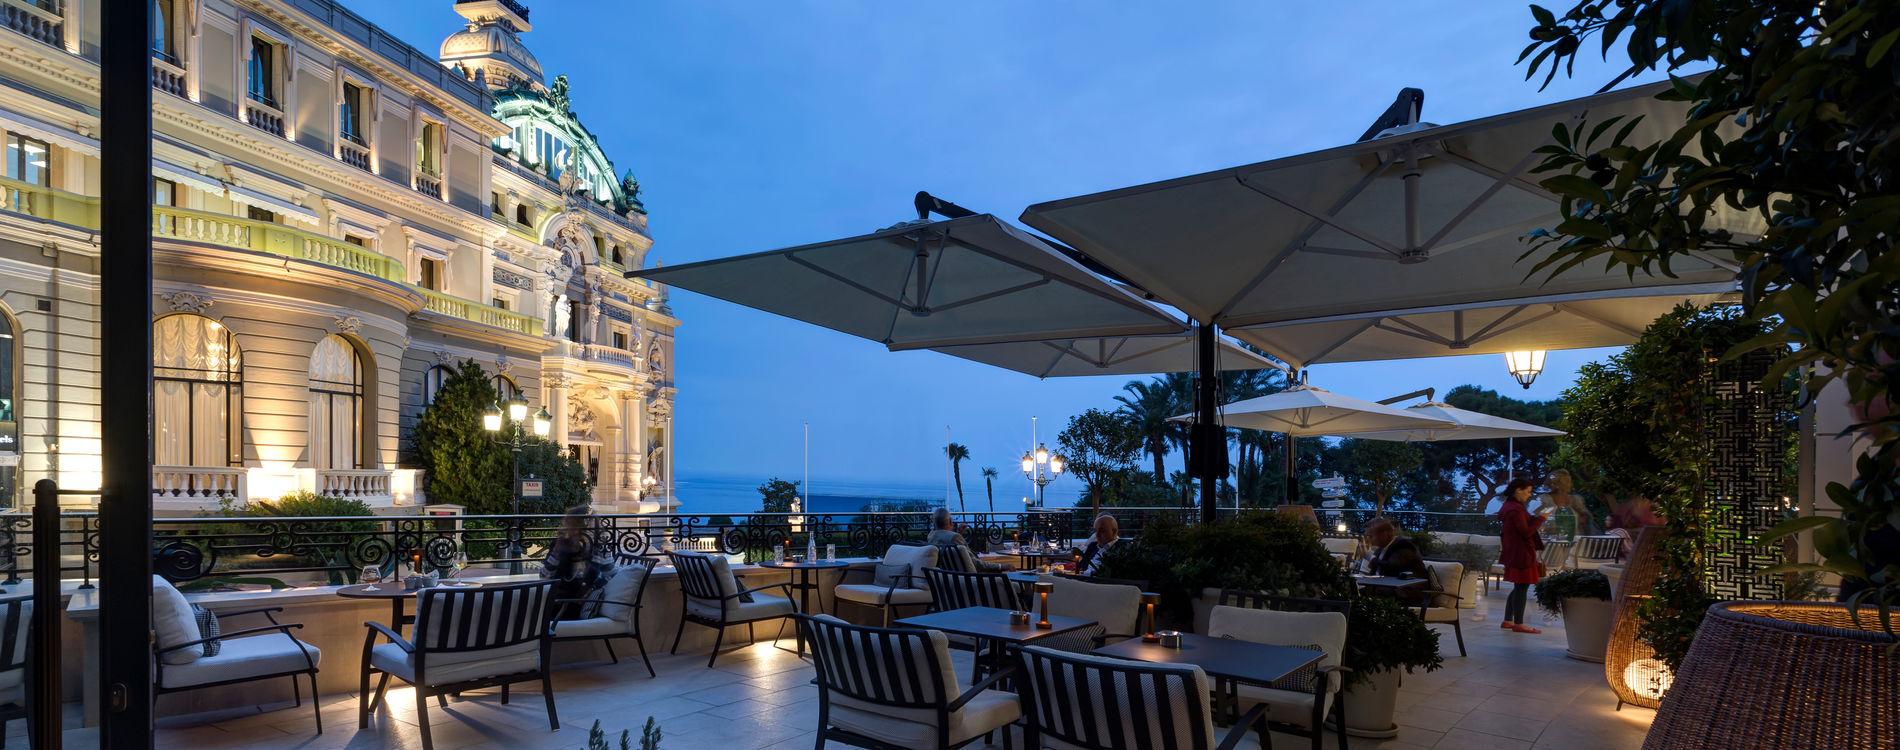 Hôtel de Paris - Terrasse du Bar Americain